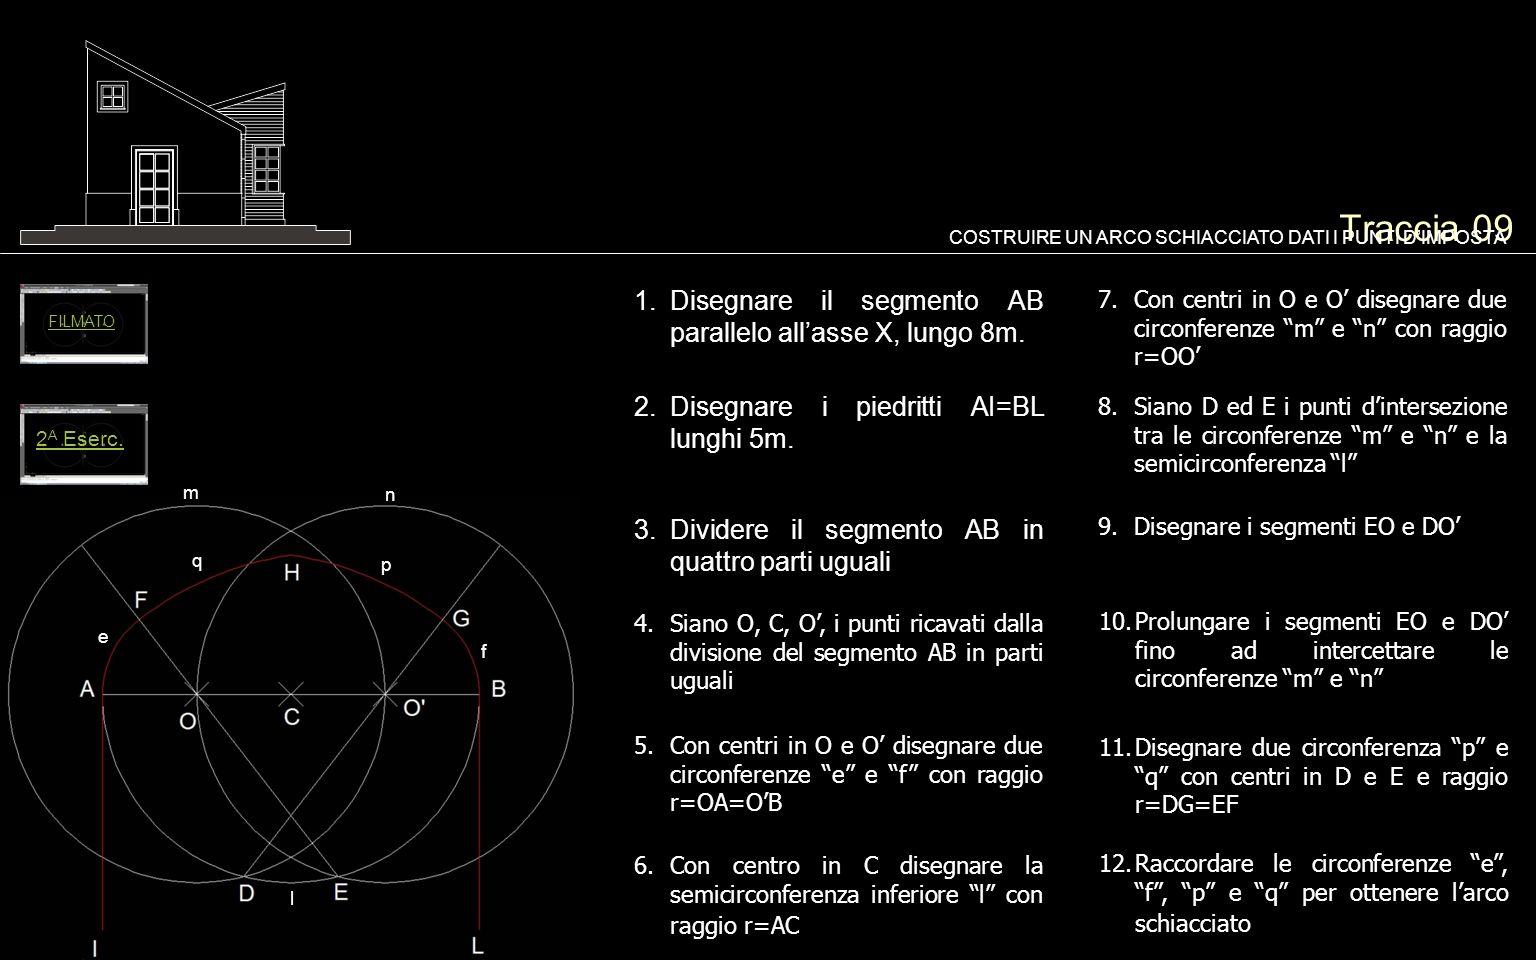 Traccia 09 Disegnare il segmento AB parallelo all'asse X, lungo 8m.